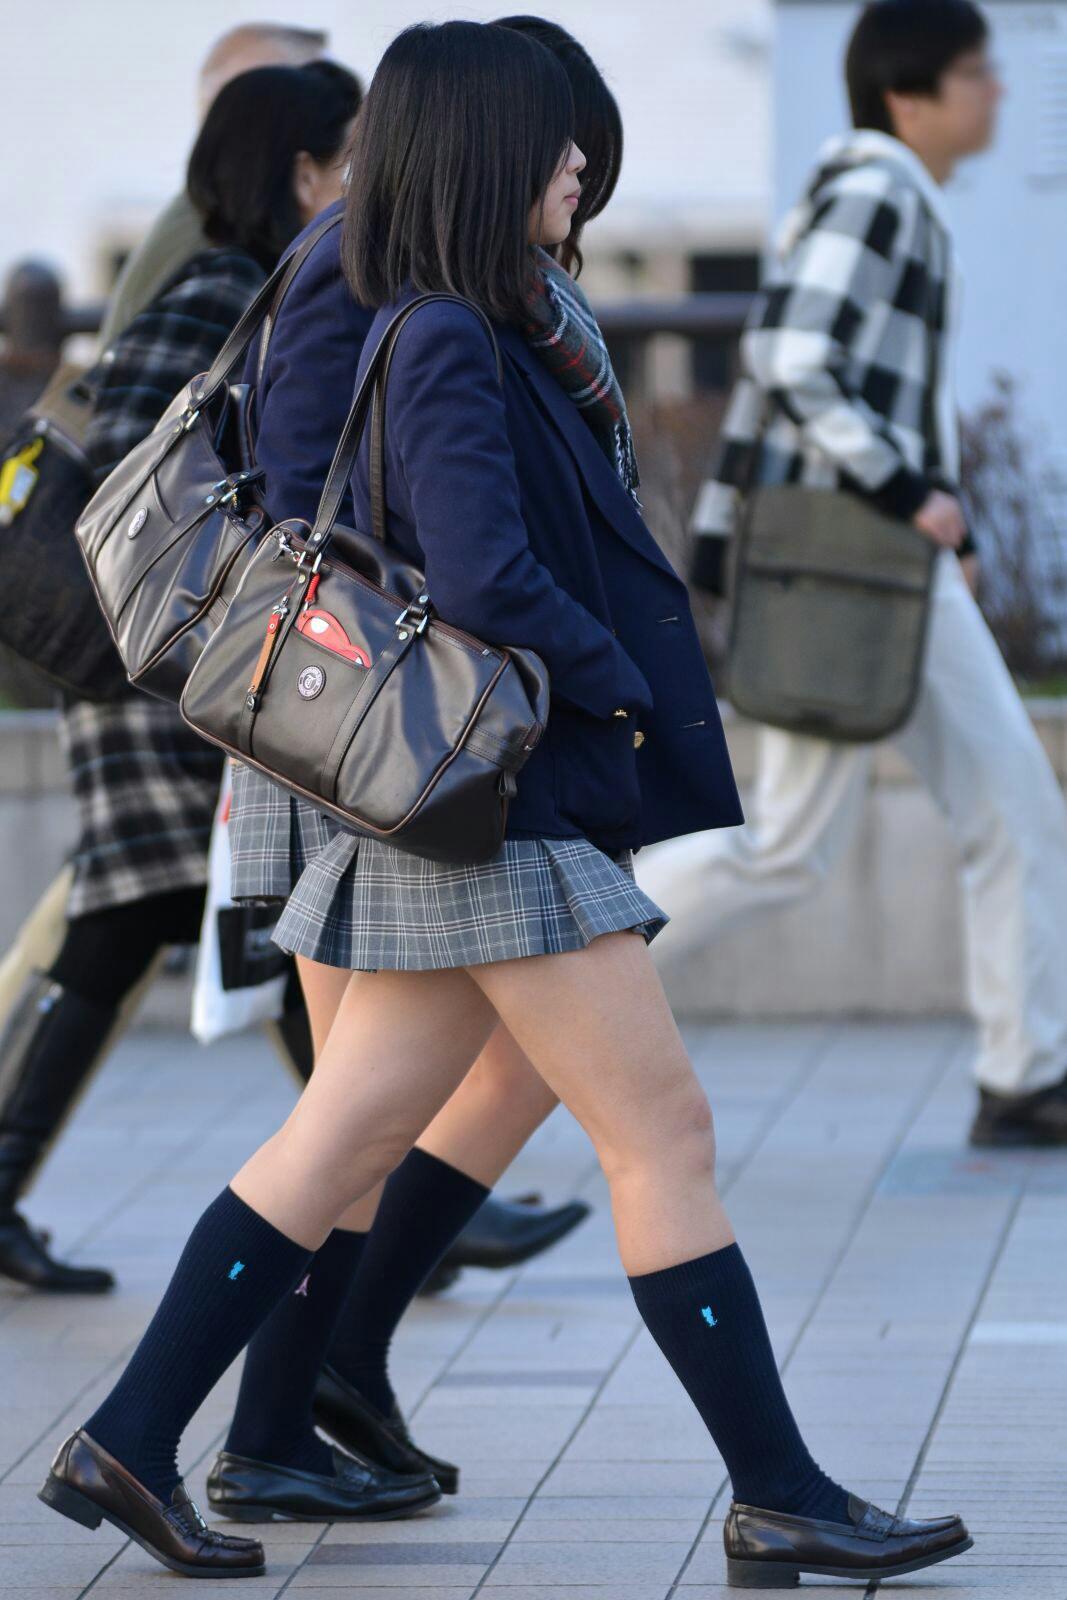 季節の変わり目にJKの制服姿が変化する街撮り画像wwwwwww XBu4bPP